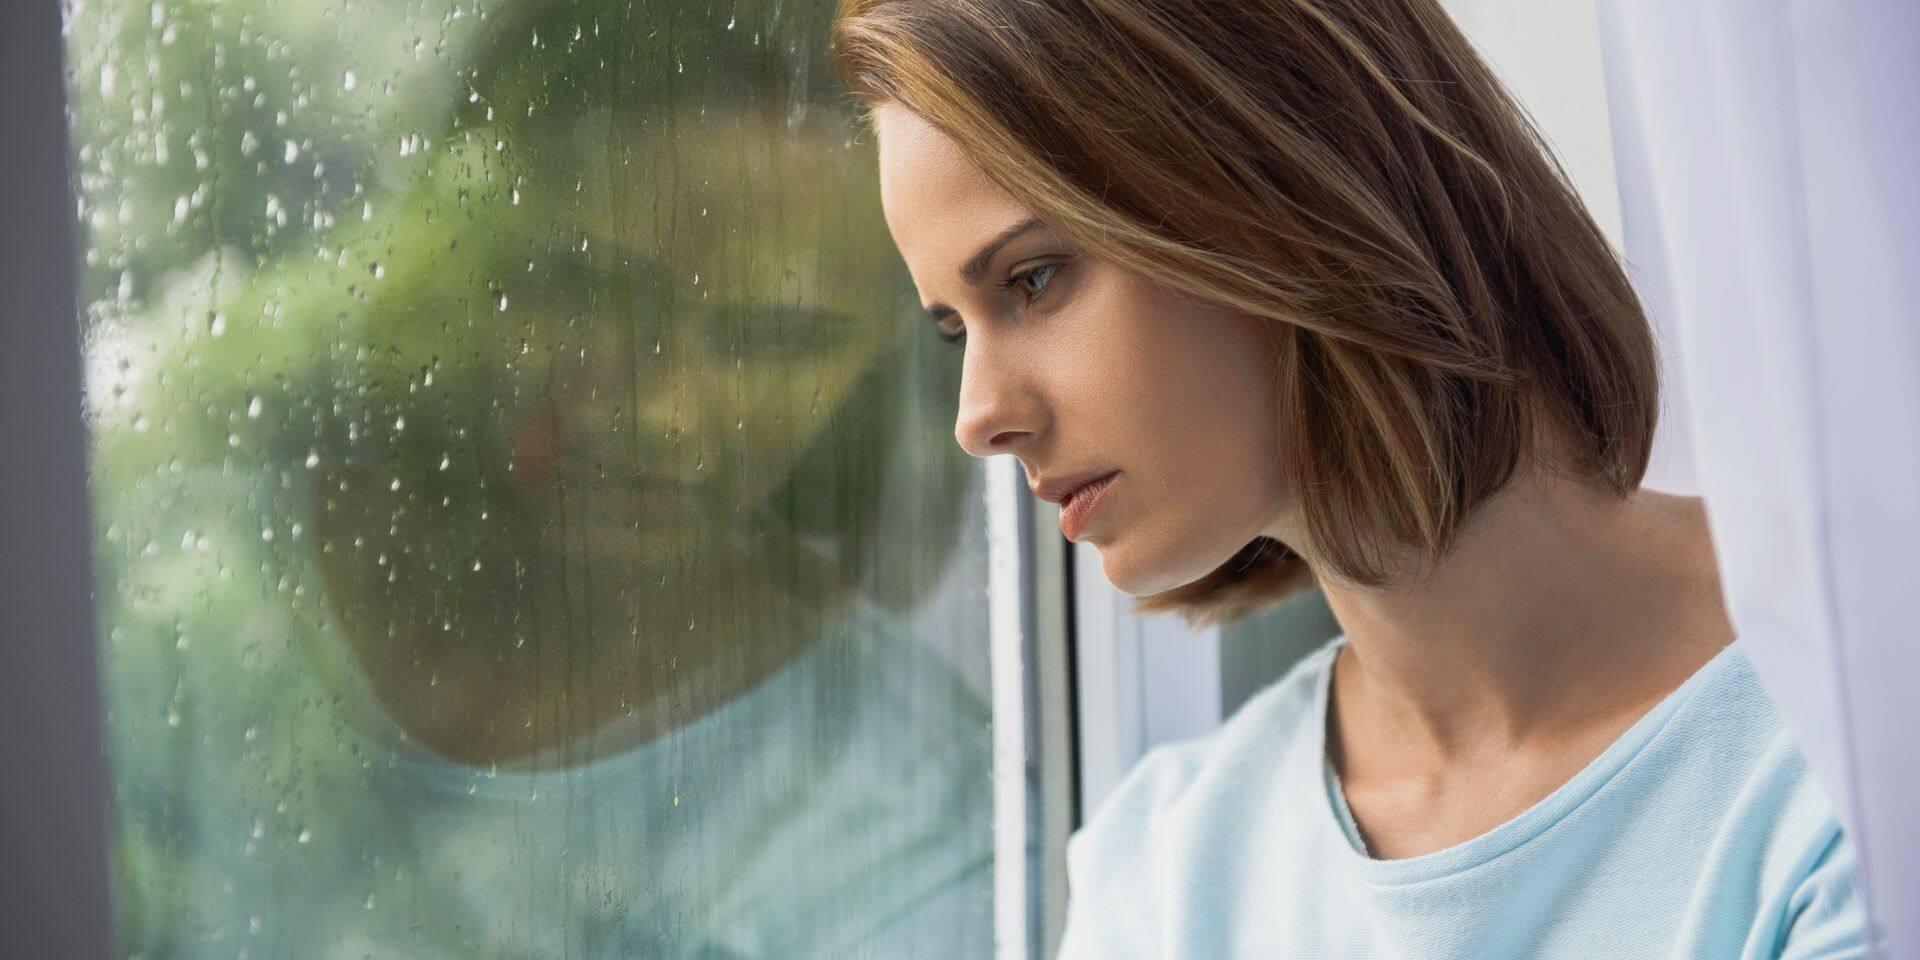 Sad,Woman,Sitting,Indoors,While,Raining